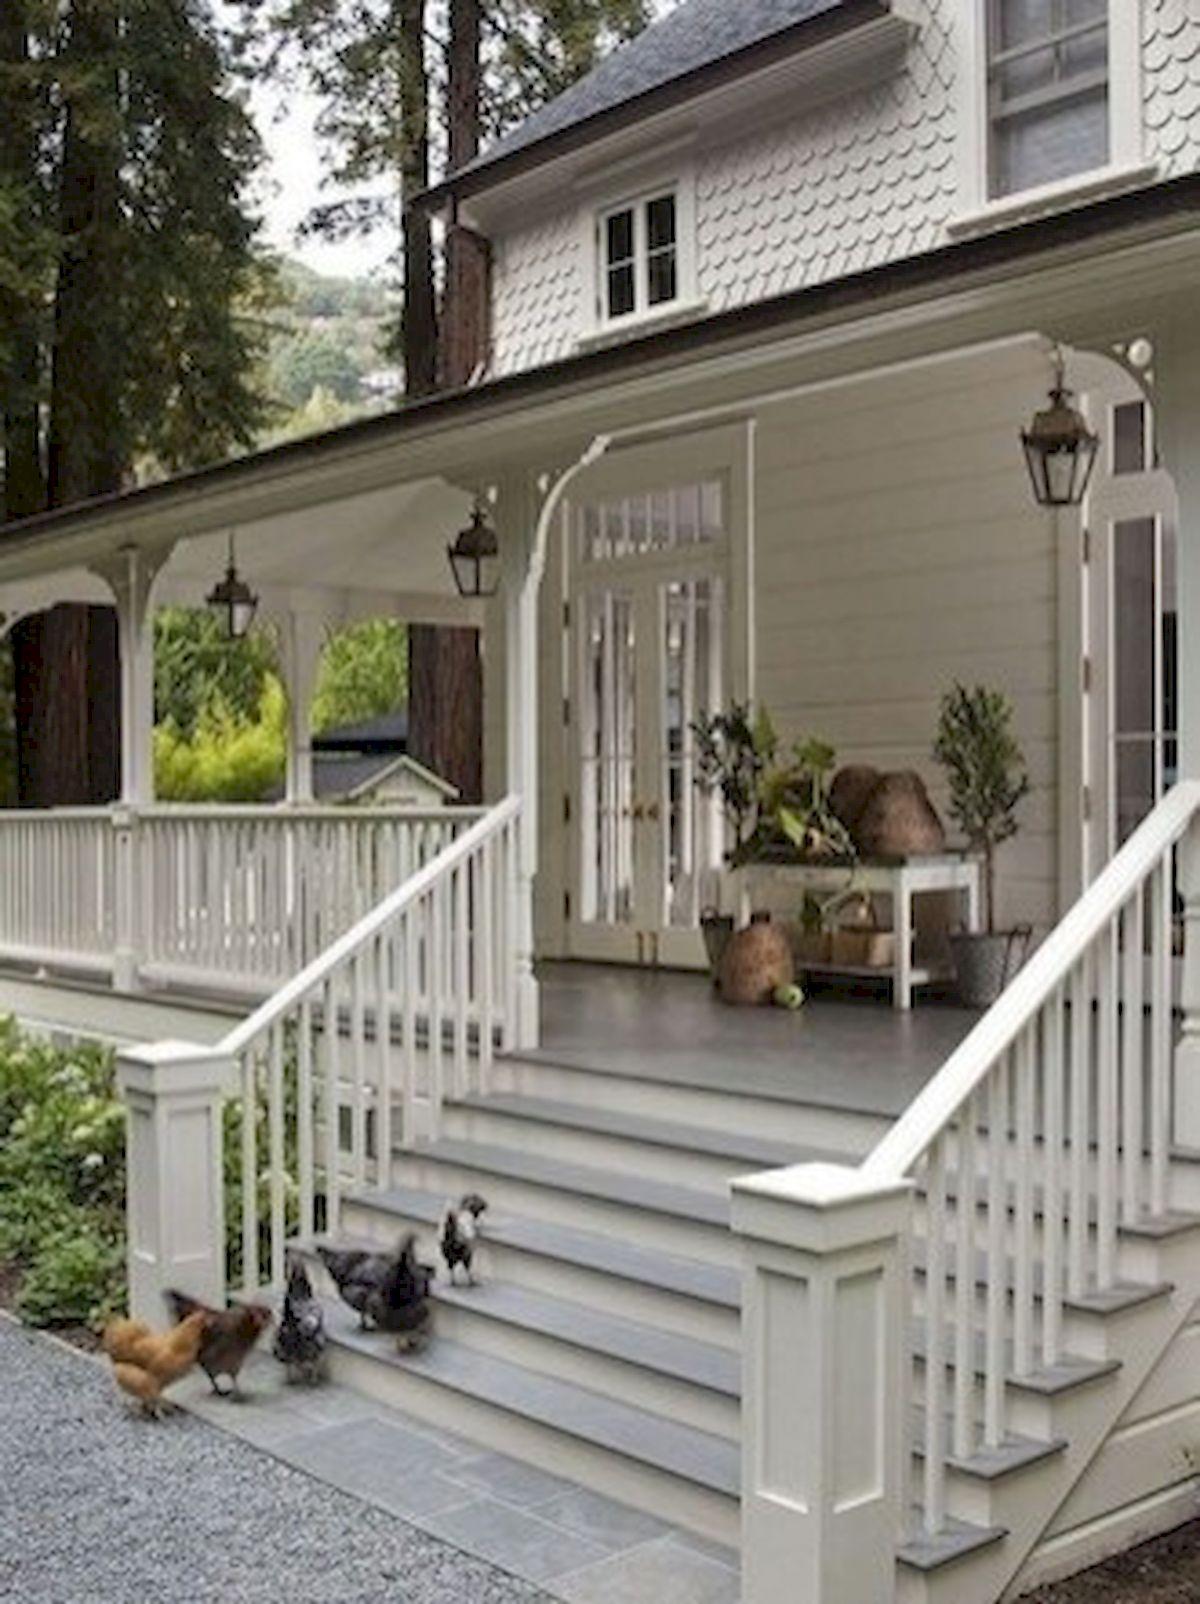 46 Awesome Farmhouse Home Exterior Design Ideas (9)